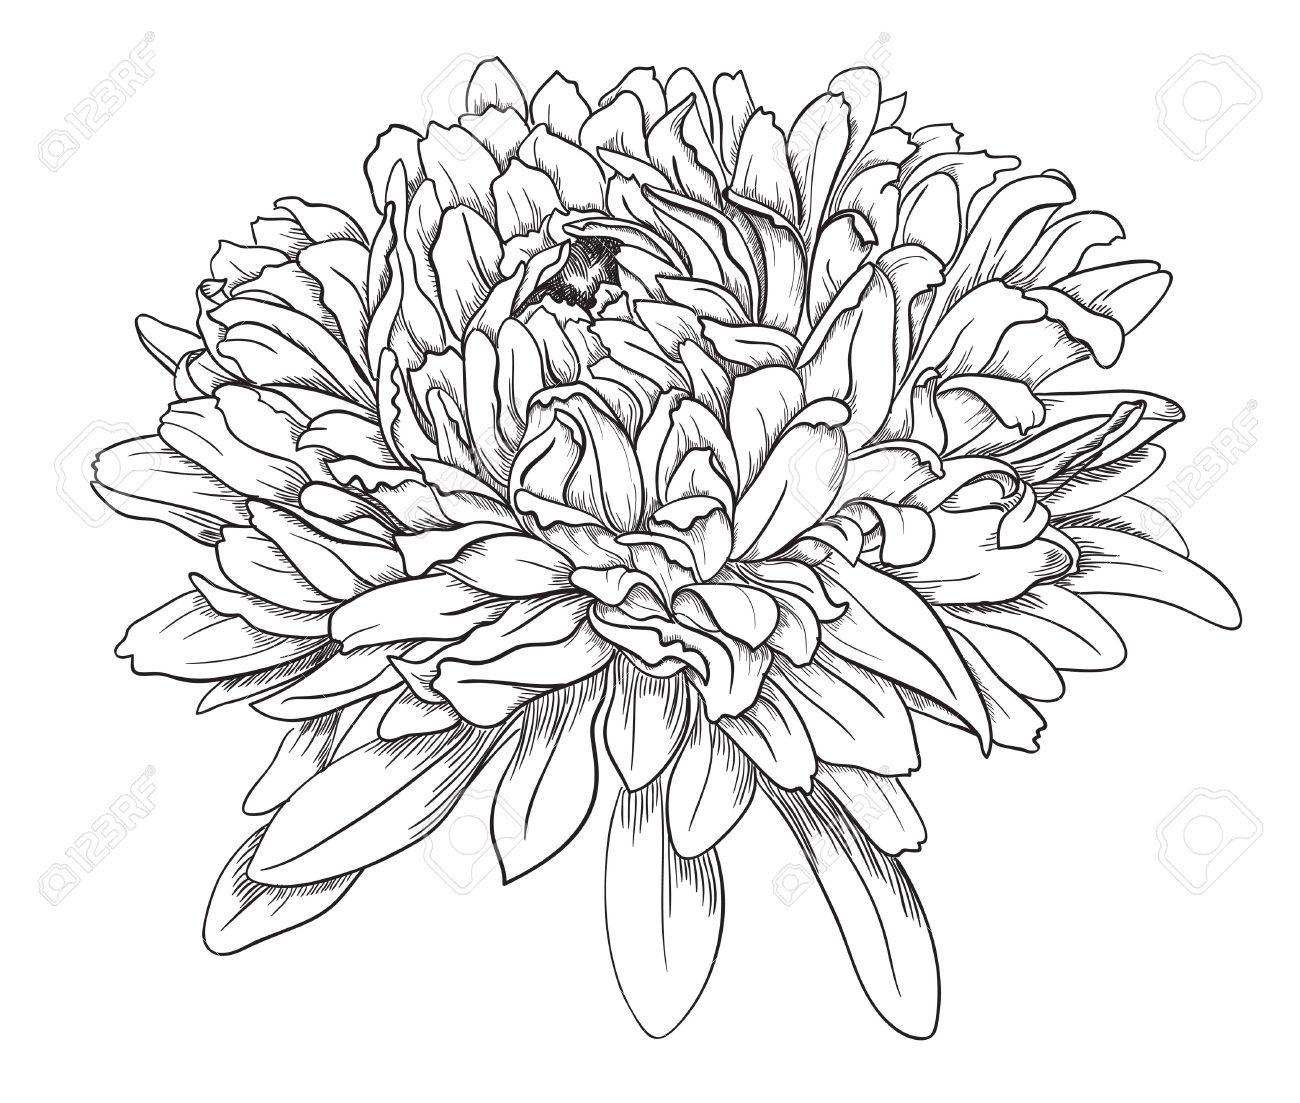 Chrysanthemum Drawing Google Search Aster Flower Tattoos Aster Tattoo Chrysanthemum Drawing